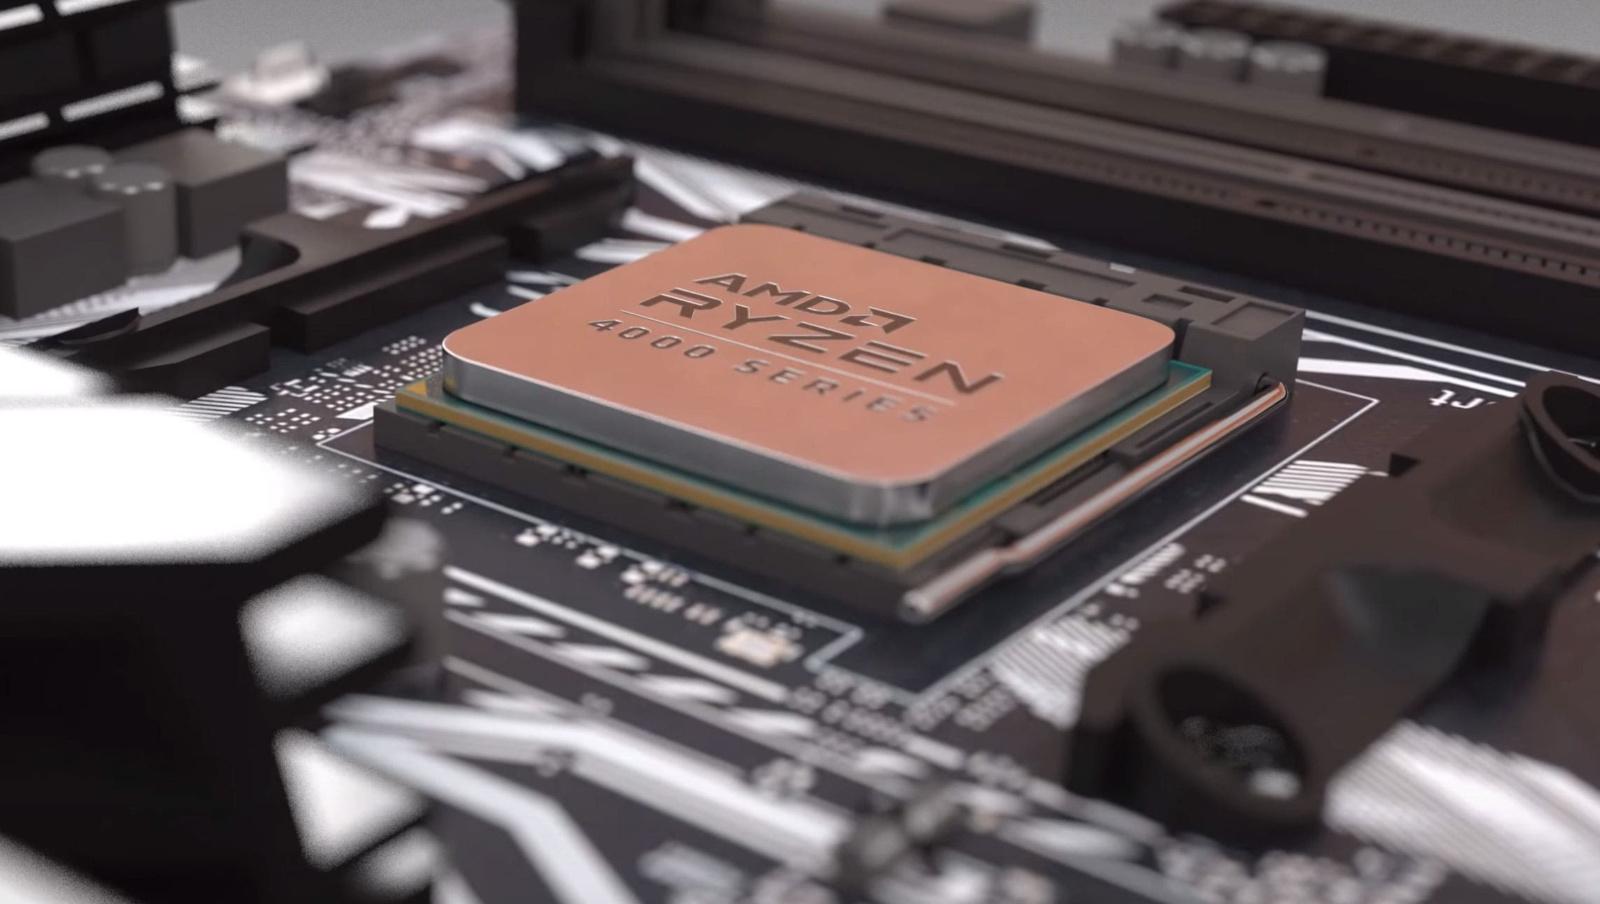 Названы цены гибридных процессоров AMD Ryzen 4000G Pro